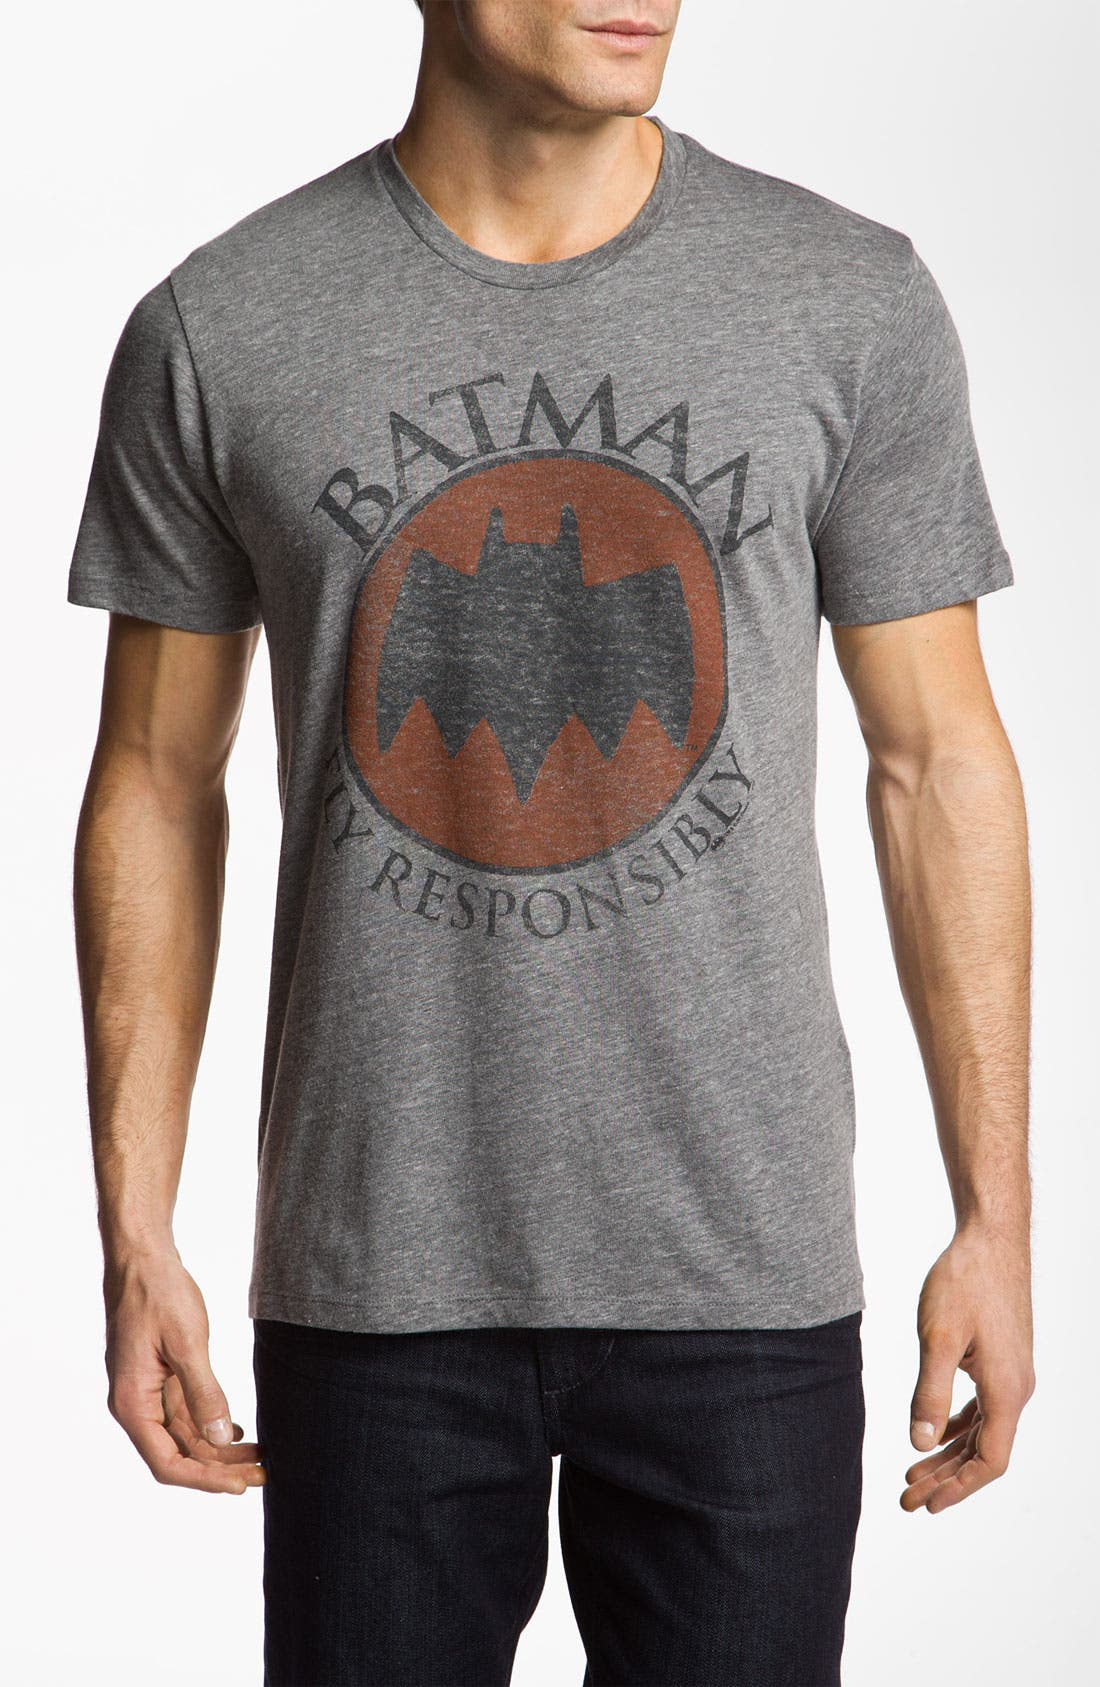 Main Image - Junk Food 'Batman - Fly Responsibly' T-Shirt